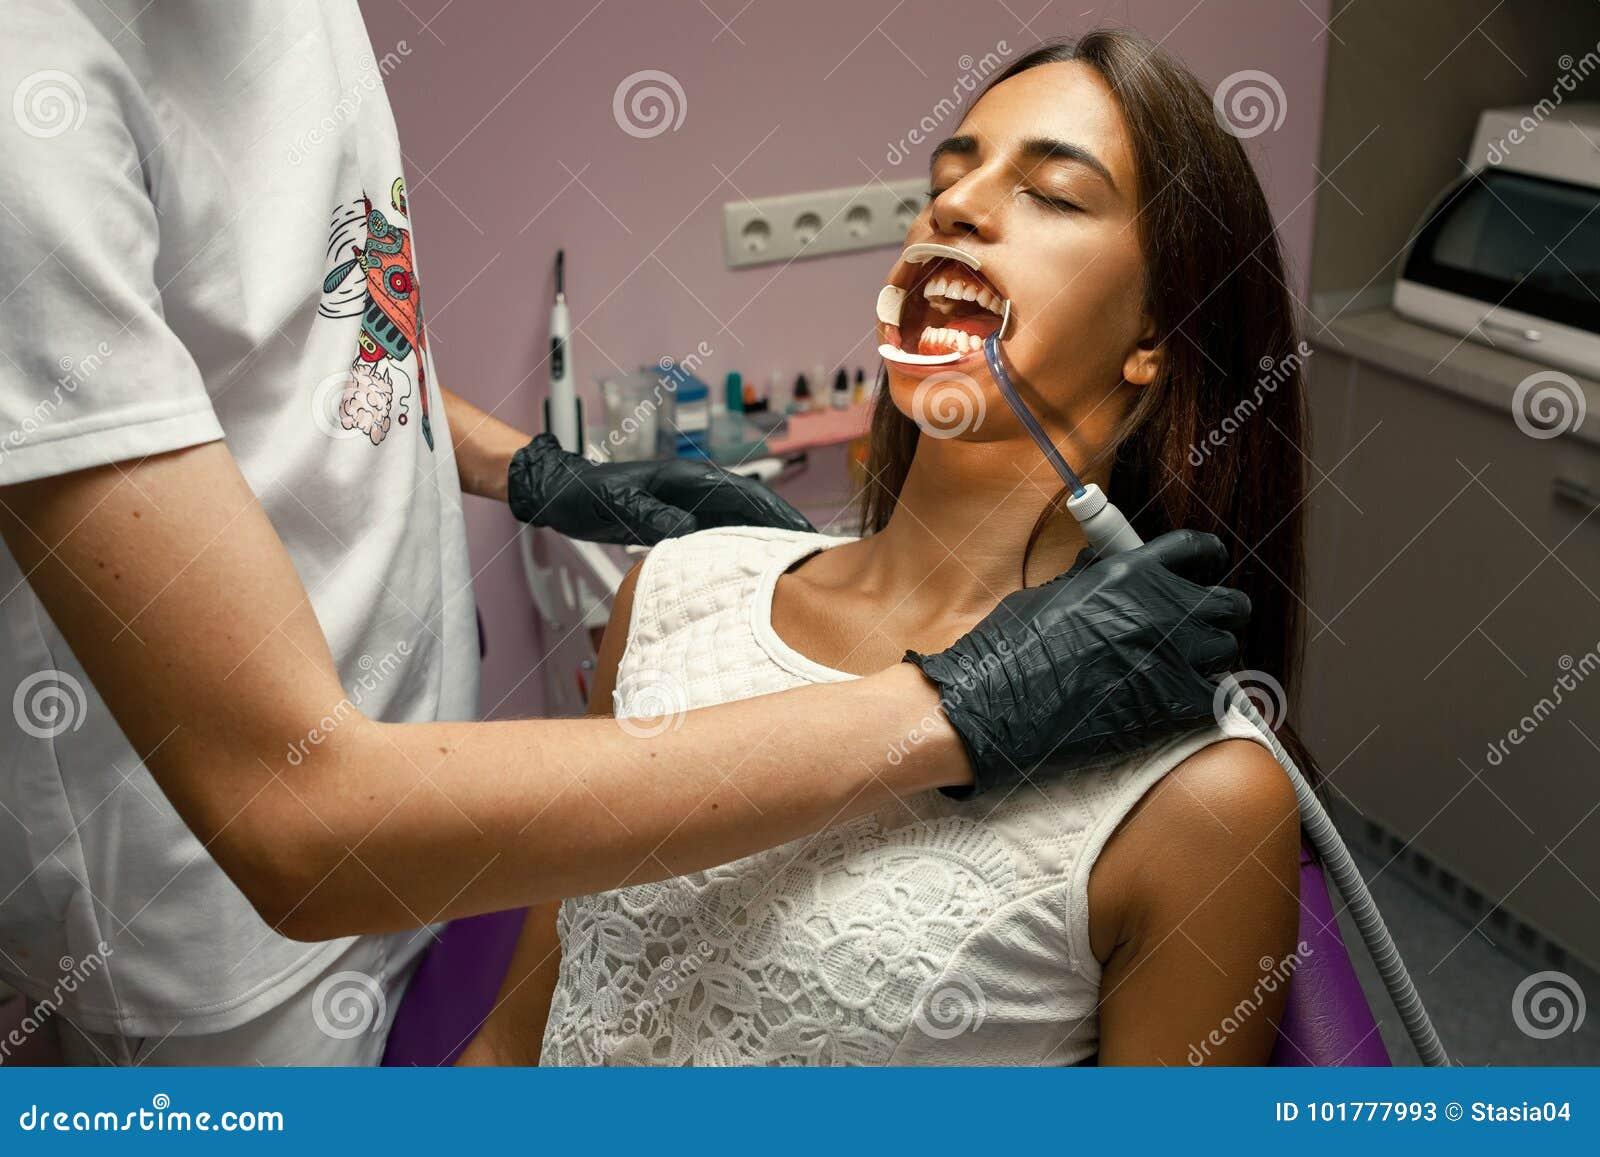 Красивую девушка обслуживает мужчин ртом отодрал поезде